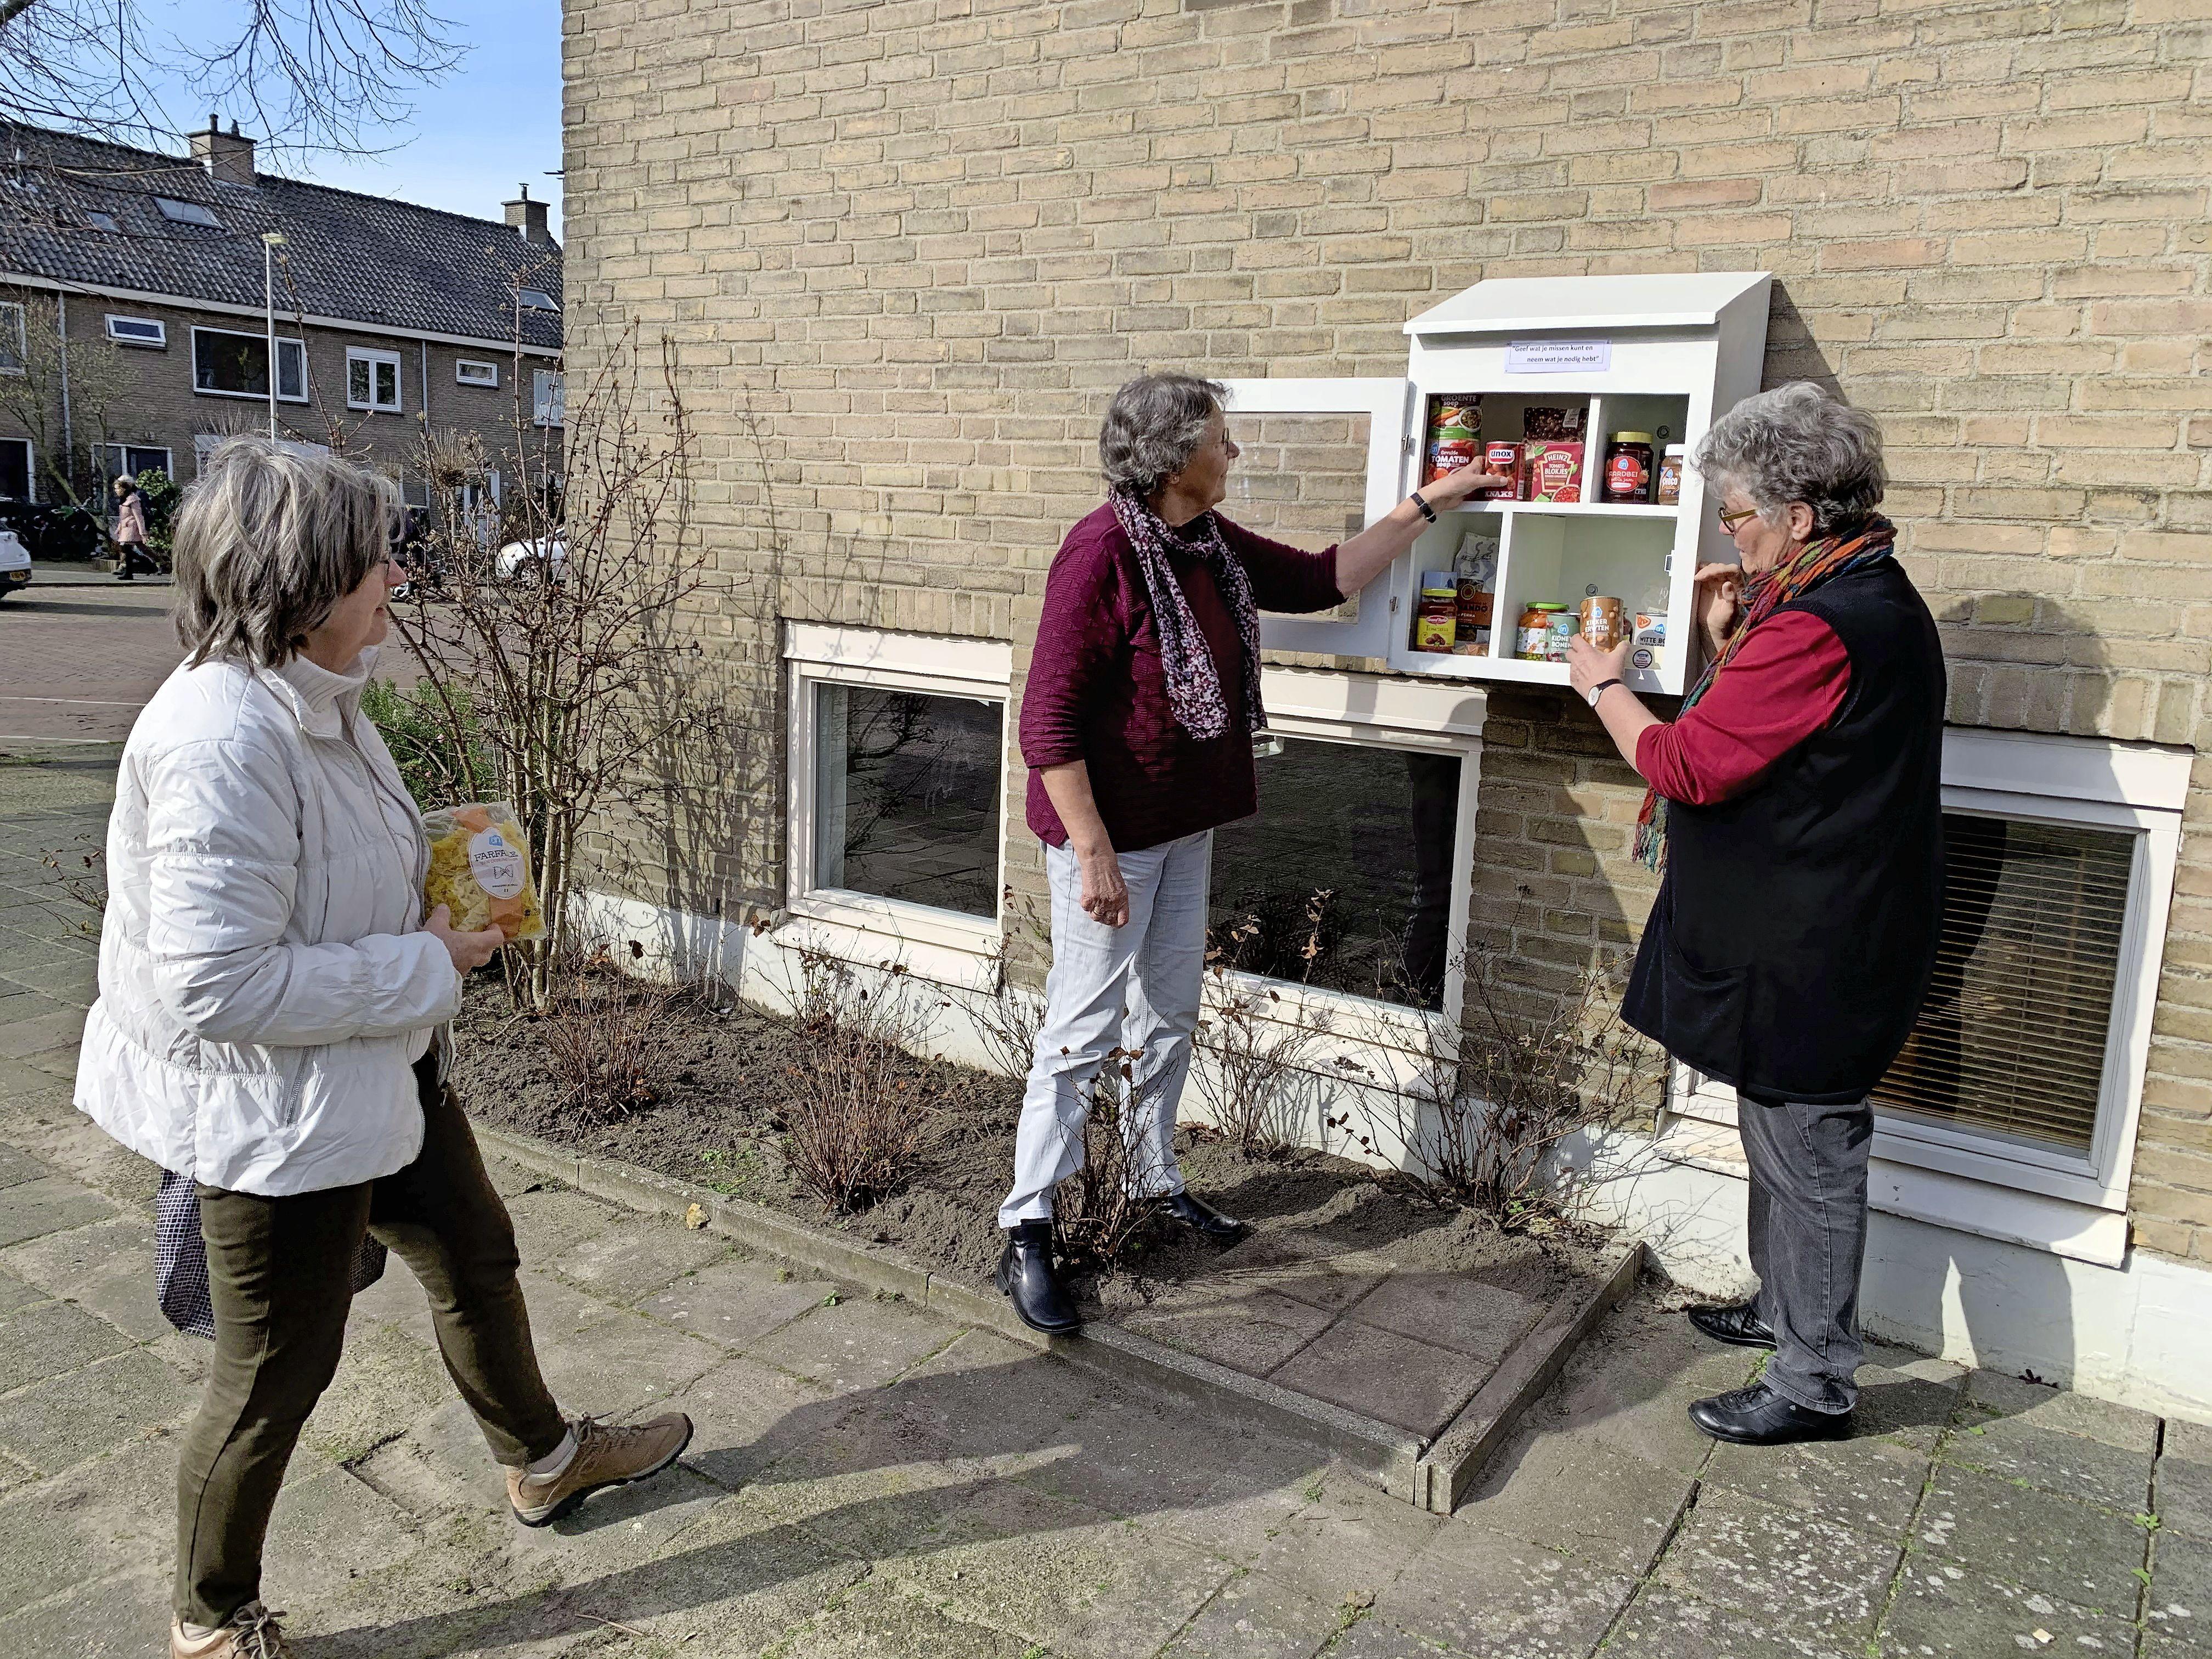 Buurtkastje met noodzakelijke boodschappen voortaan ook in Leiderdorp: 'Neem een pak rijst of een pot broodbeleg mee'